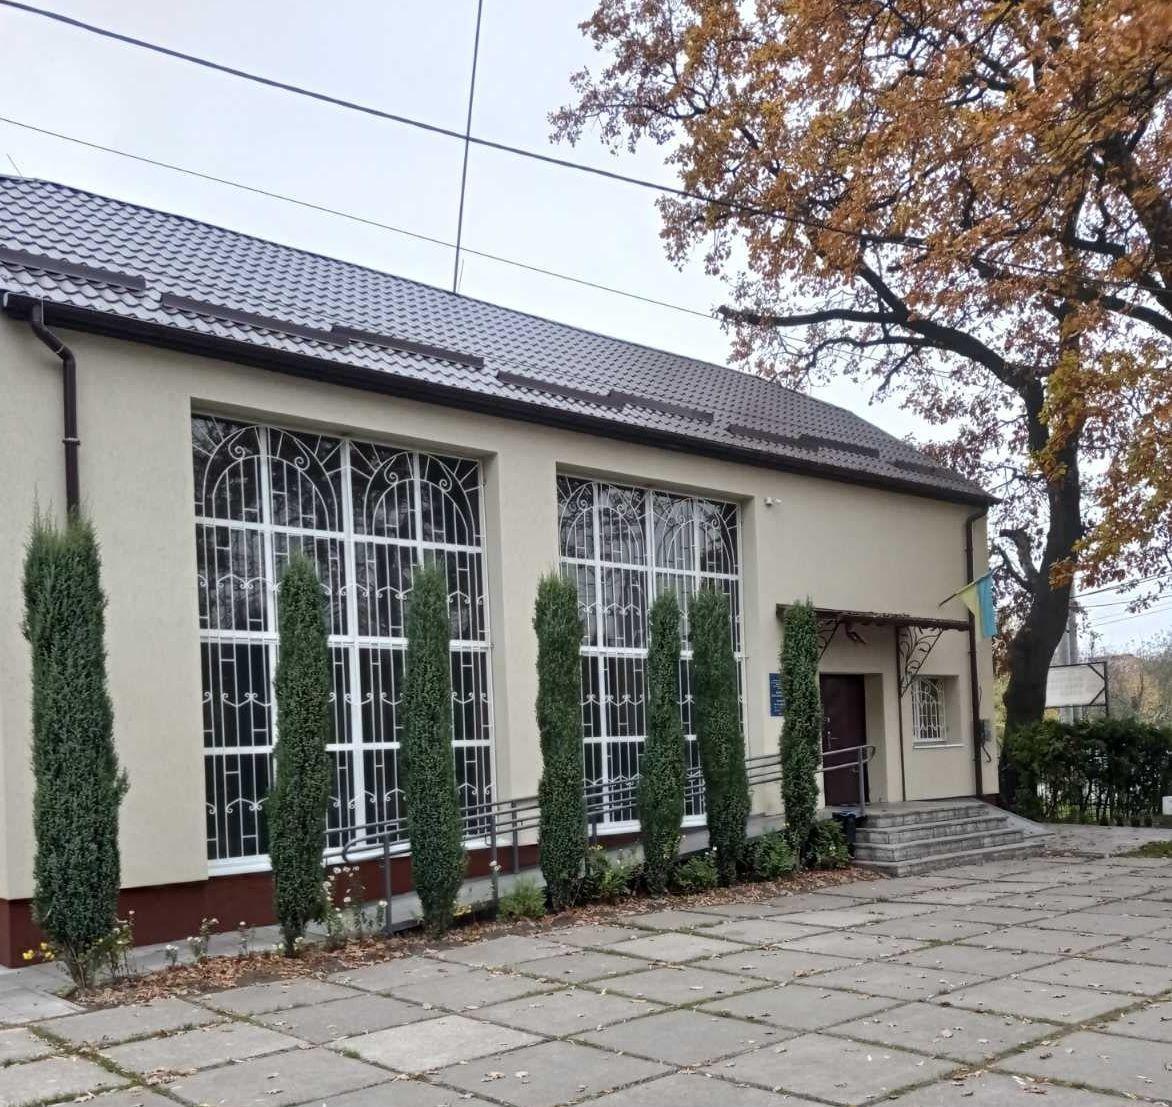 У Боярському краєзнавчому музеї викрали 20 туй - Грабіж, Бровари, Боярський краєзнавчий музей - 124779501 1704655853027493 8205256684702953519 o